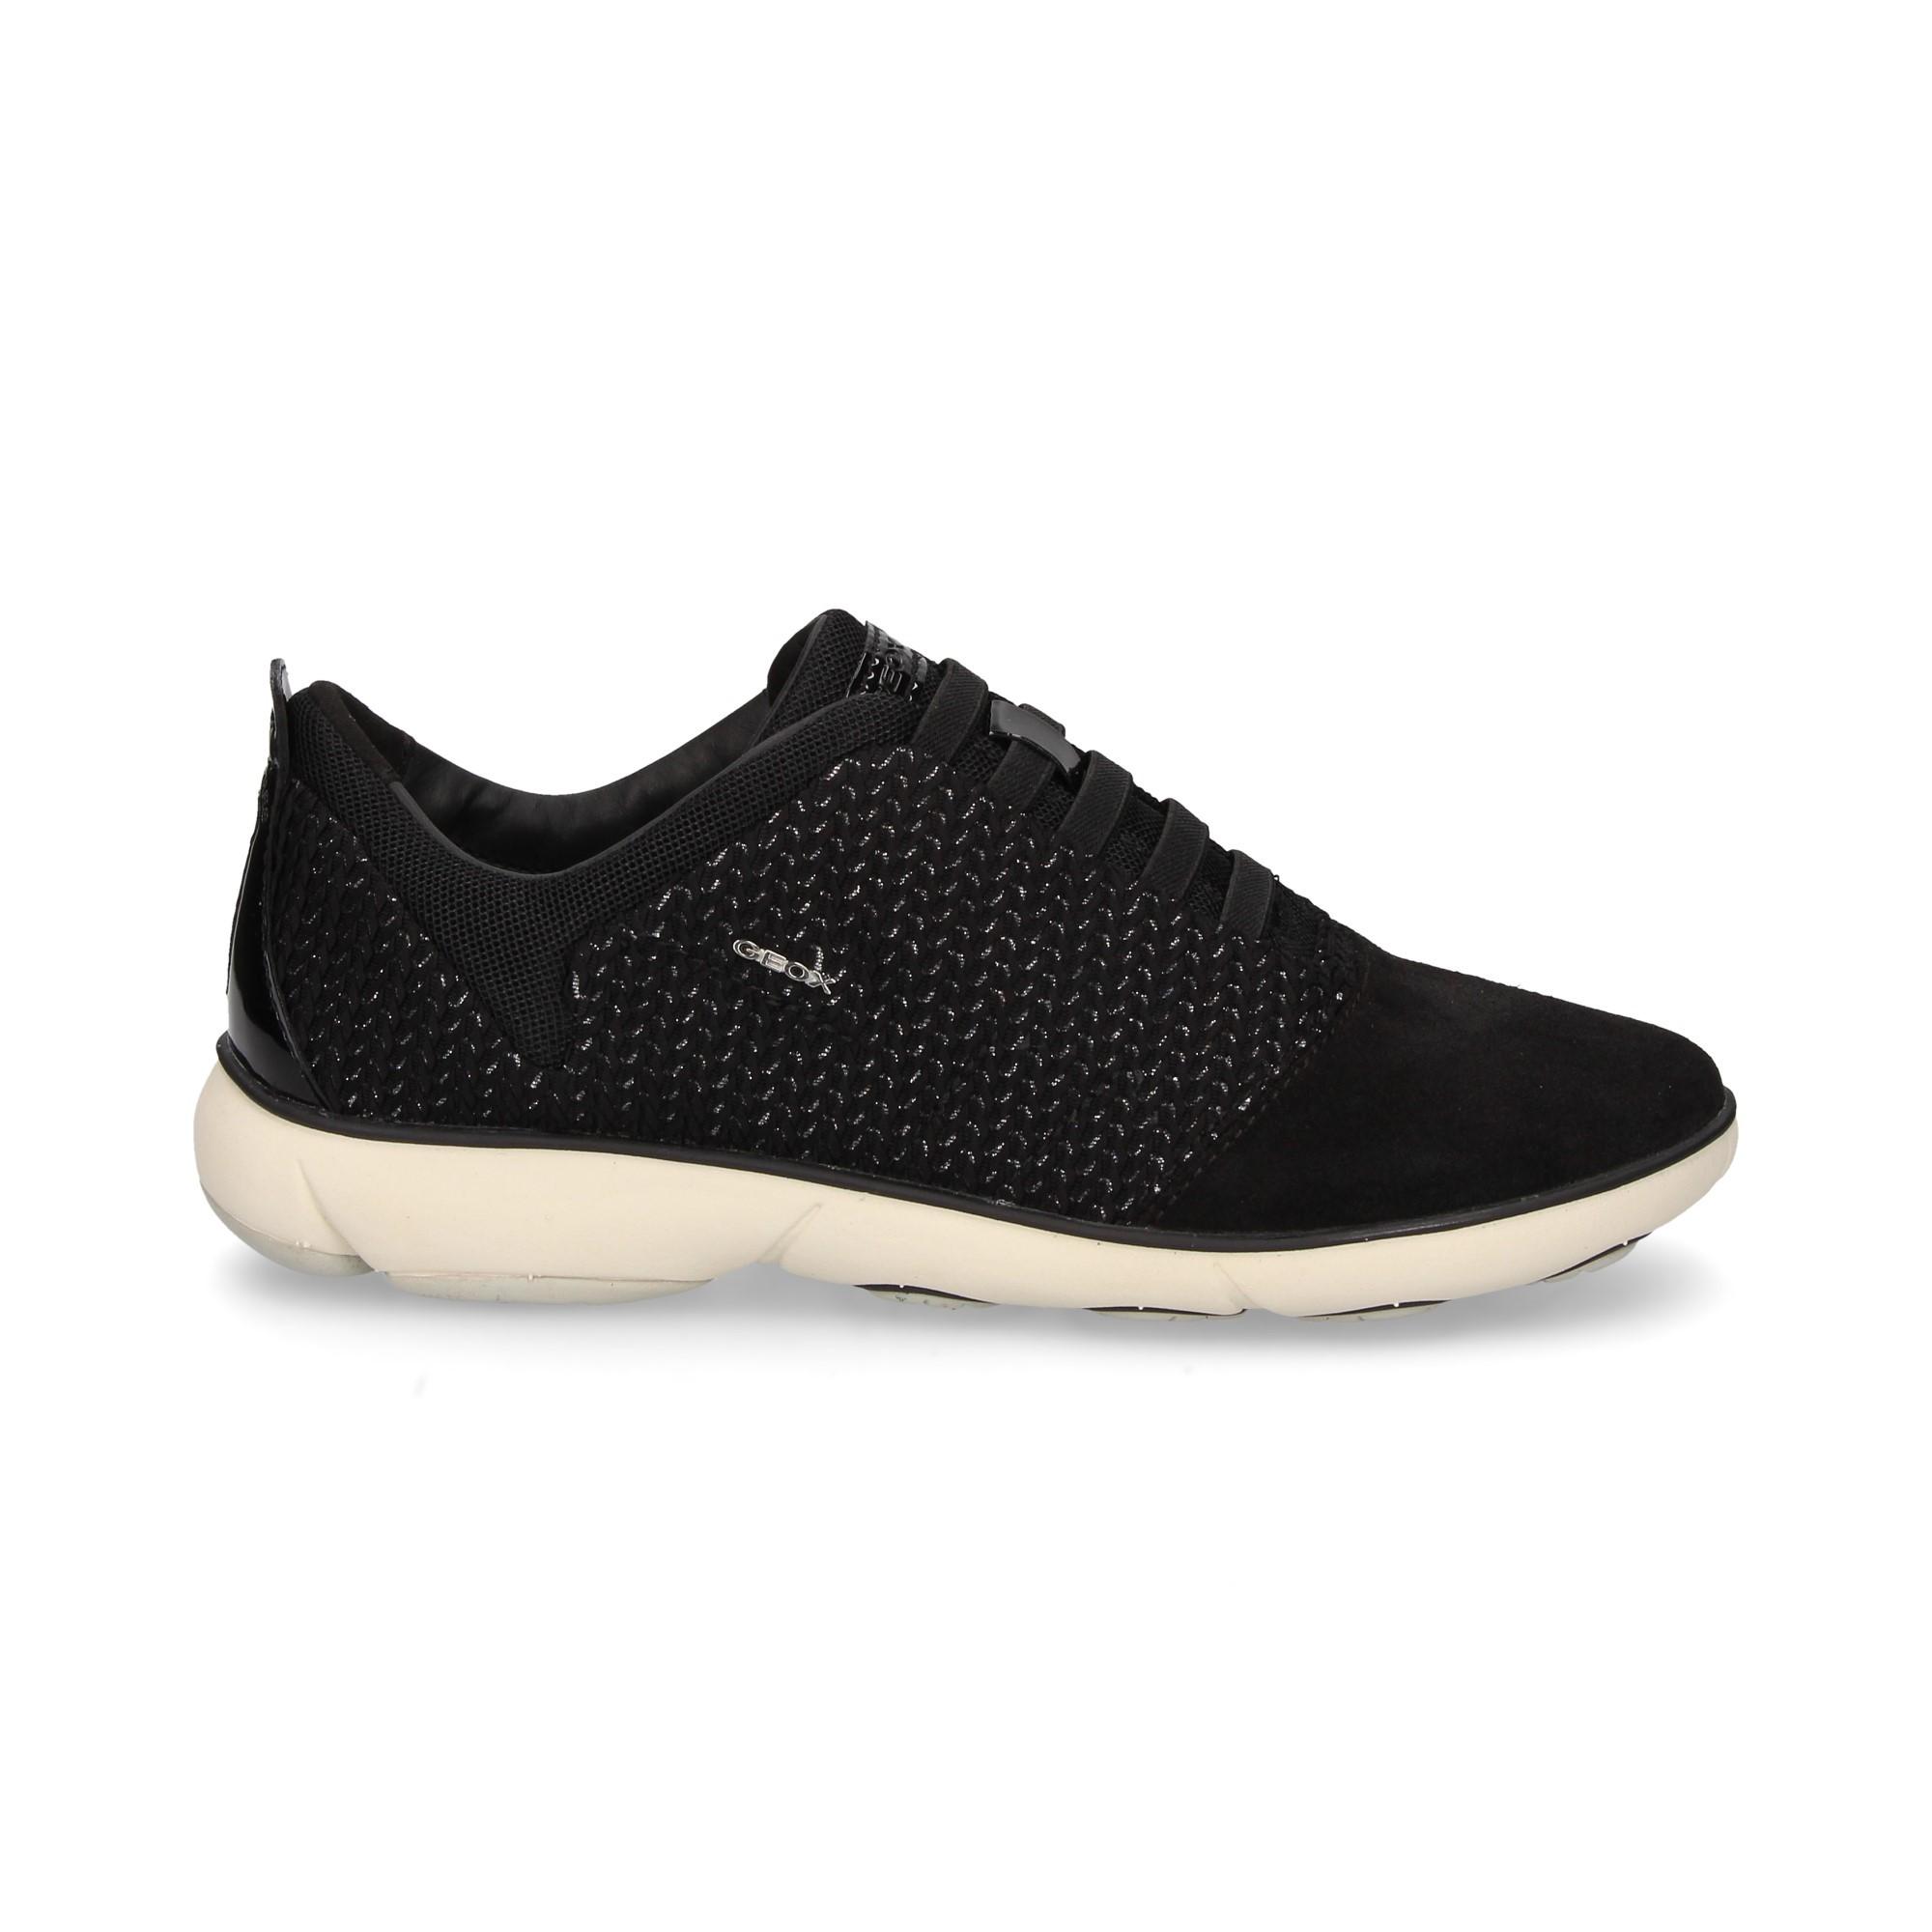 a7e0de0d081af1 GEOX Chaussures de sport pour femmes D621EC C9999 NEGRO